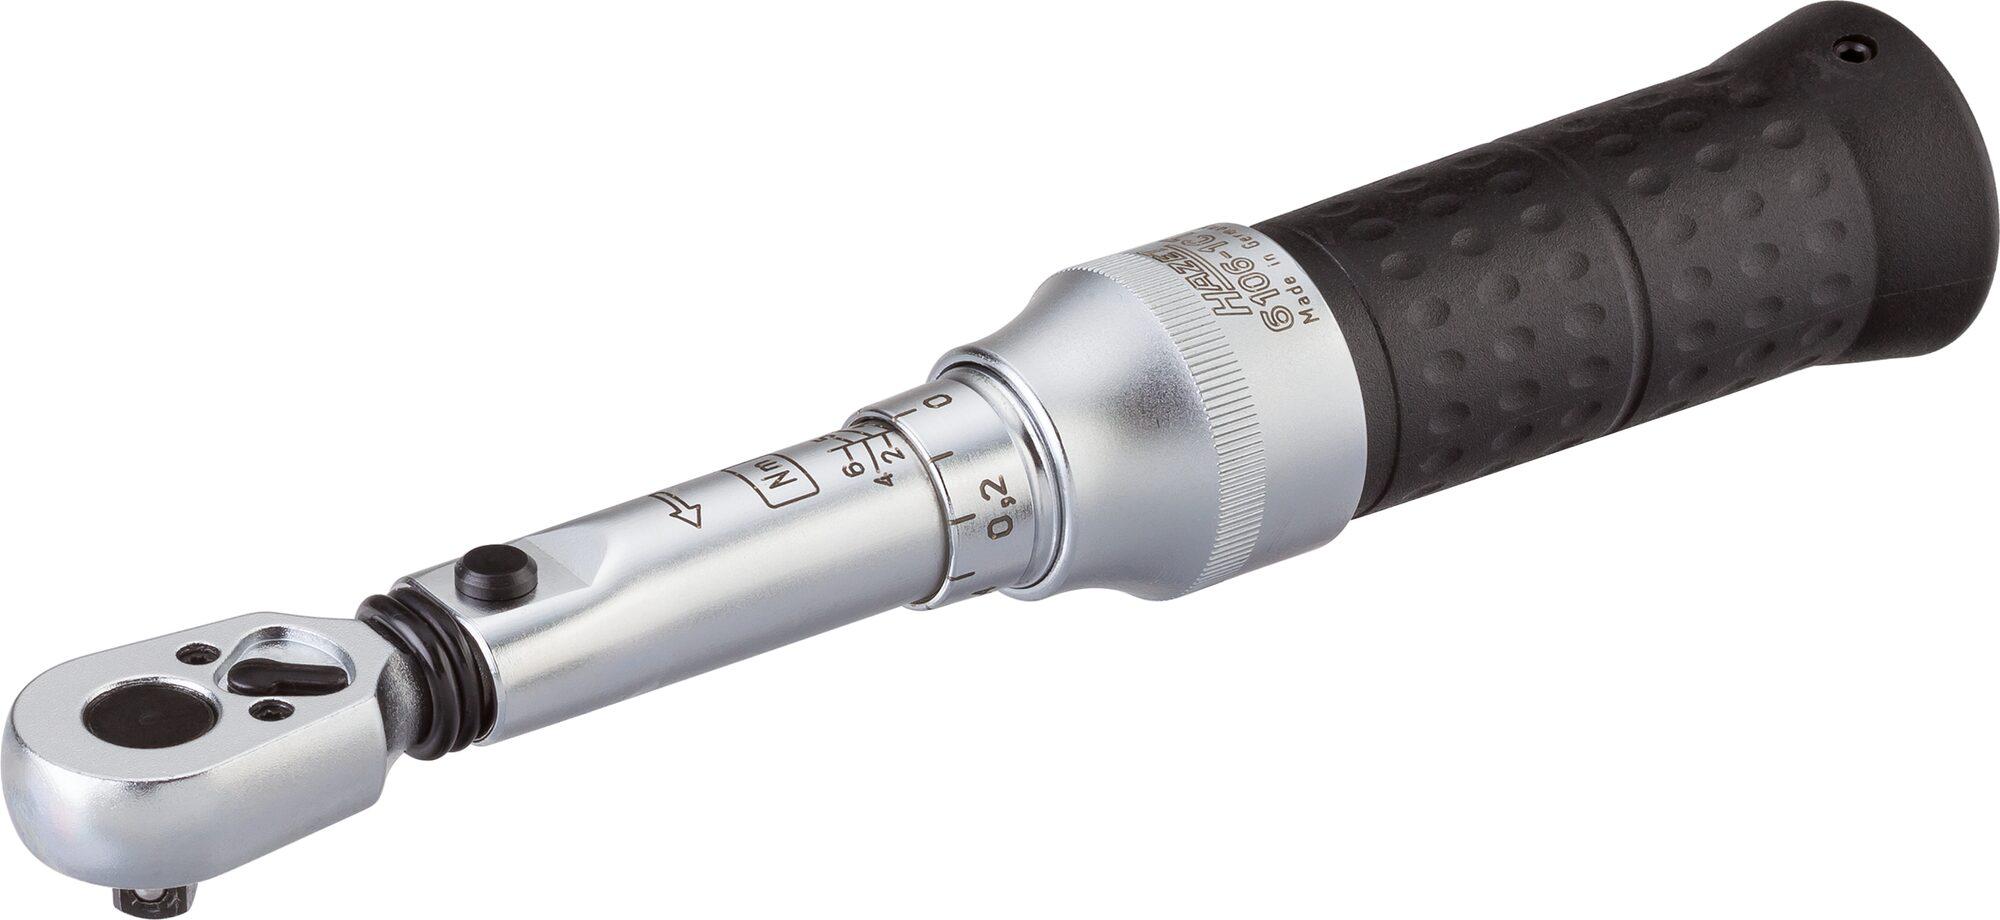 HAZET Drehmoment-Schlüssel 6106-1CTCAL ∙ Nm min-max: 1–6 Nm ∙ Toleranz: 4% ∙ Vierkant massiv 6,3 mm (1/4 Zoll)